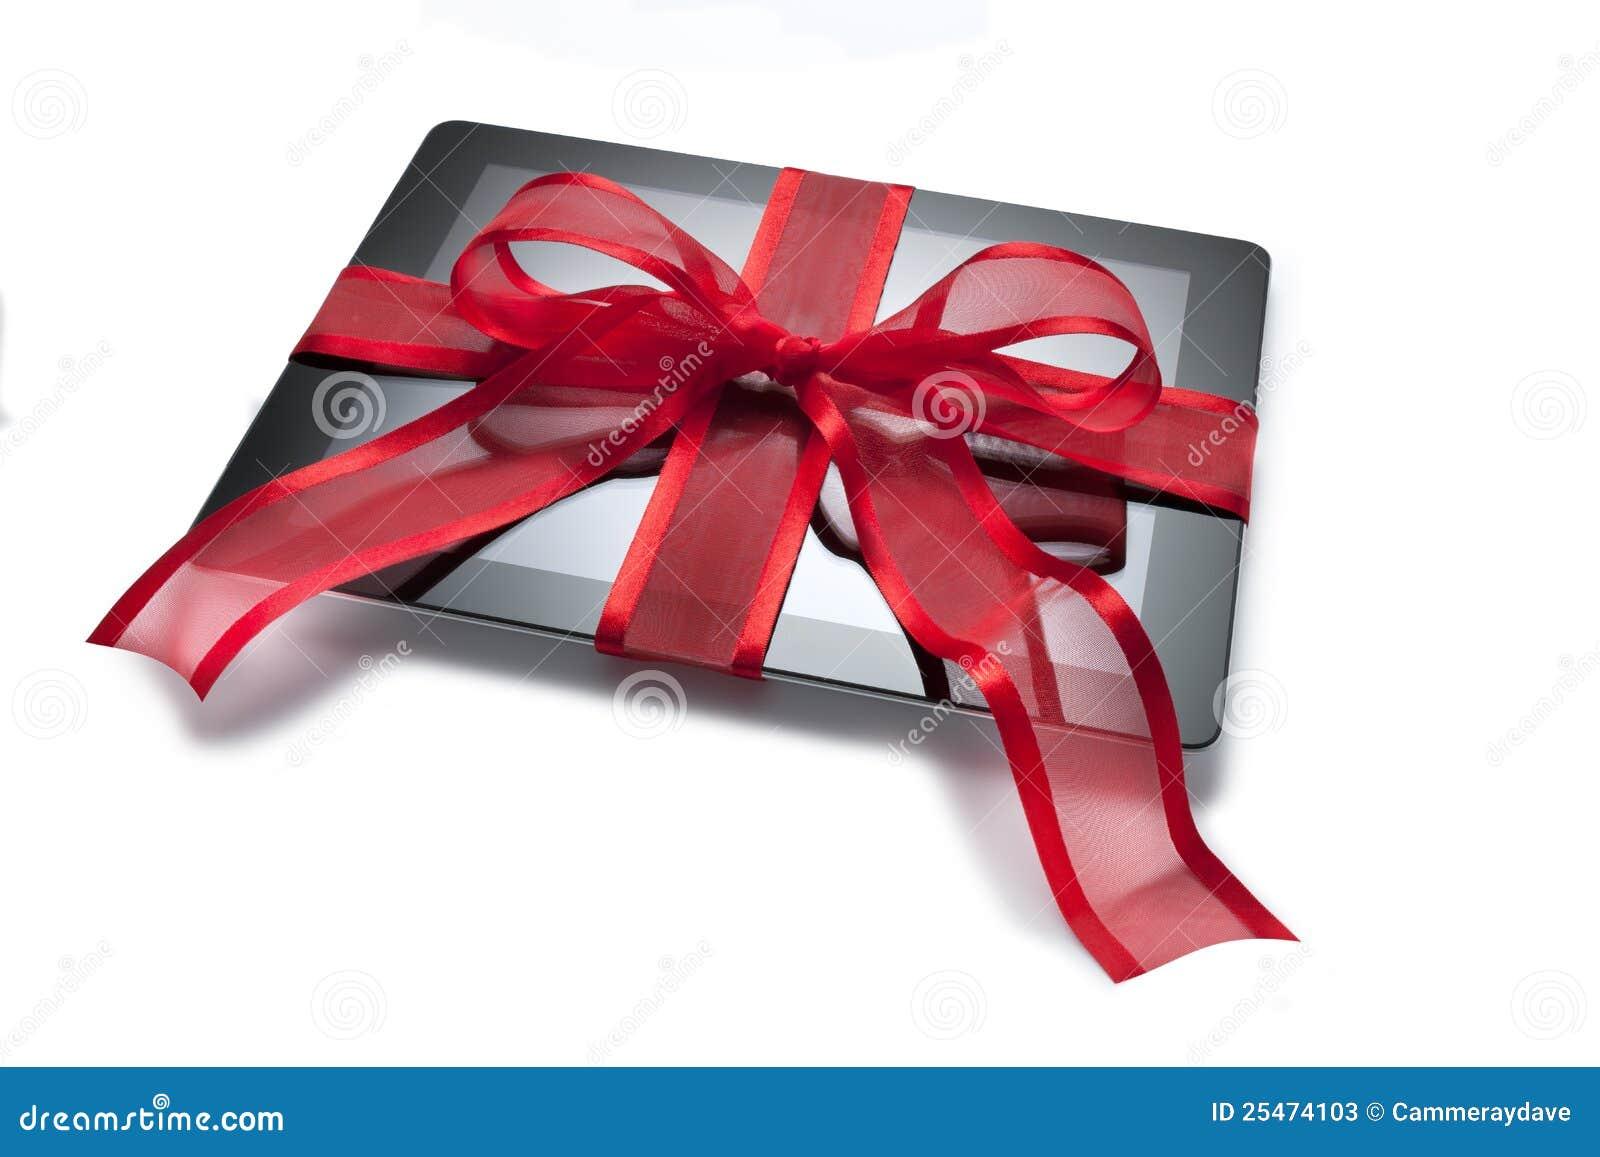 Ipad Weihnachtsgeschenk-Geschenk